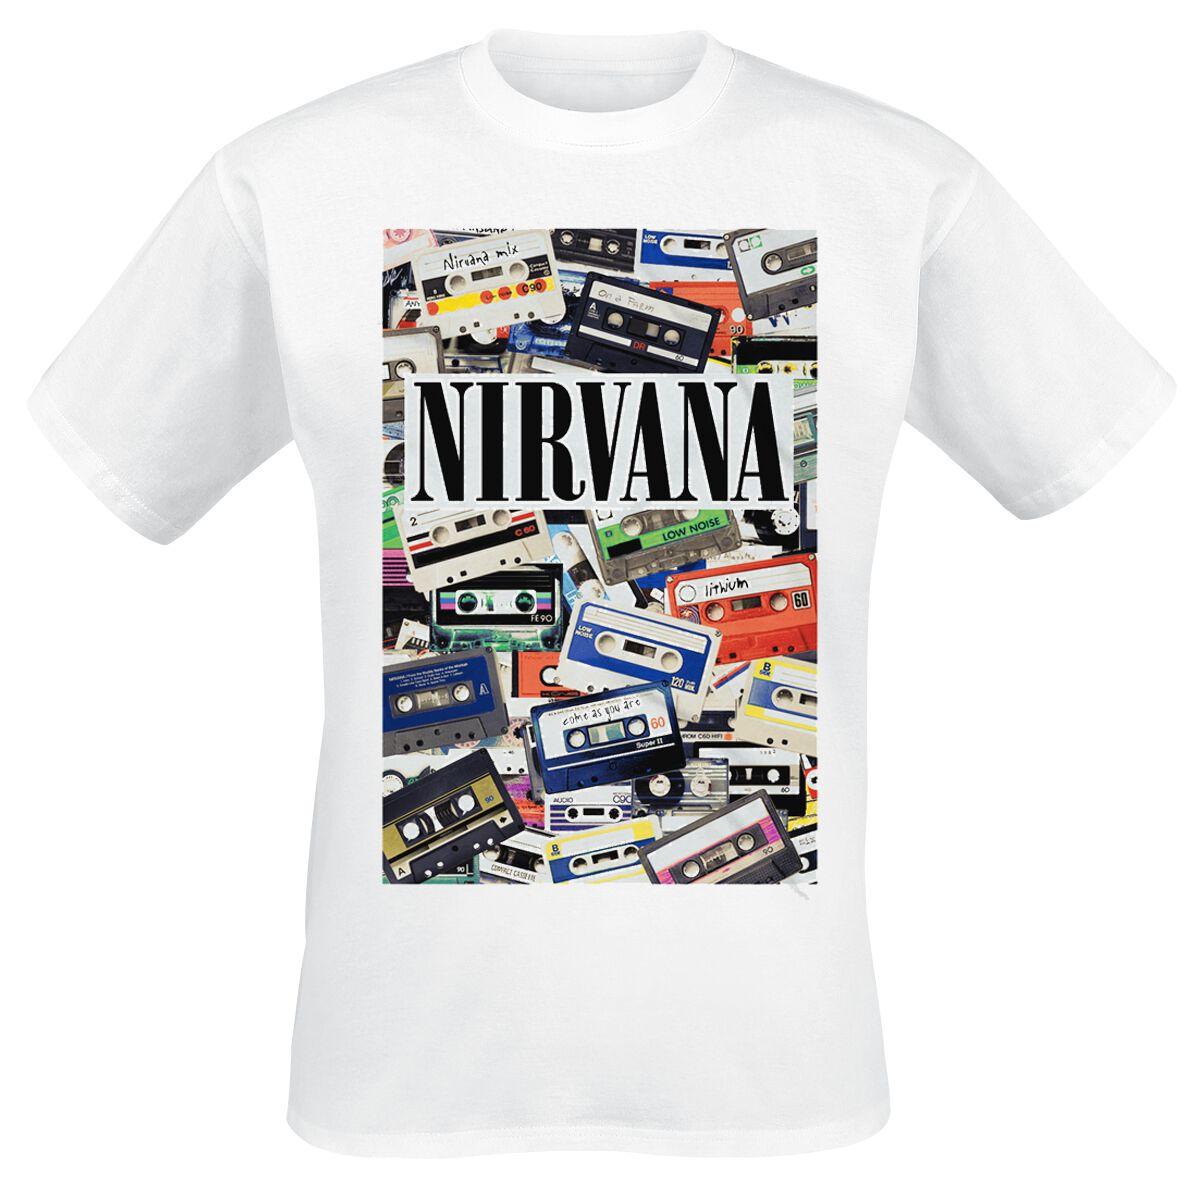 Zespoły - Koszulki - T-Shirt Nirvana Cassettes T-Shirt biały - 329841